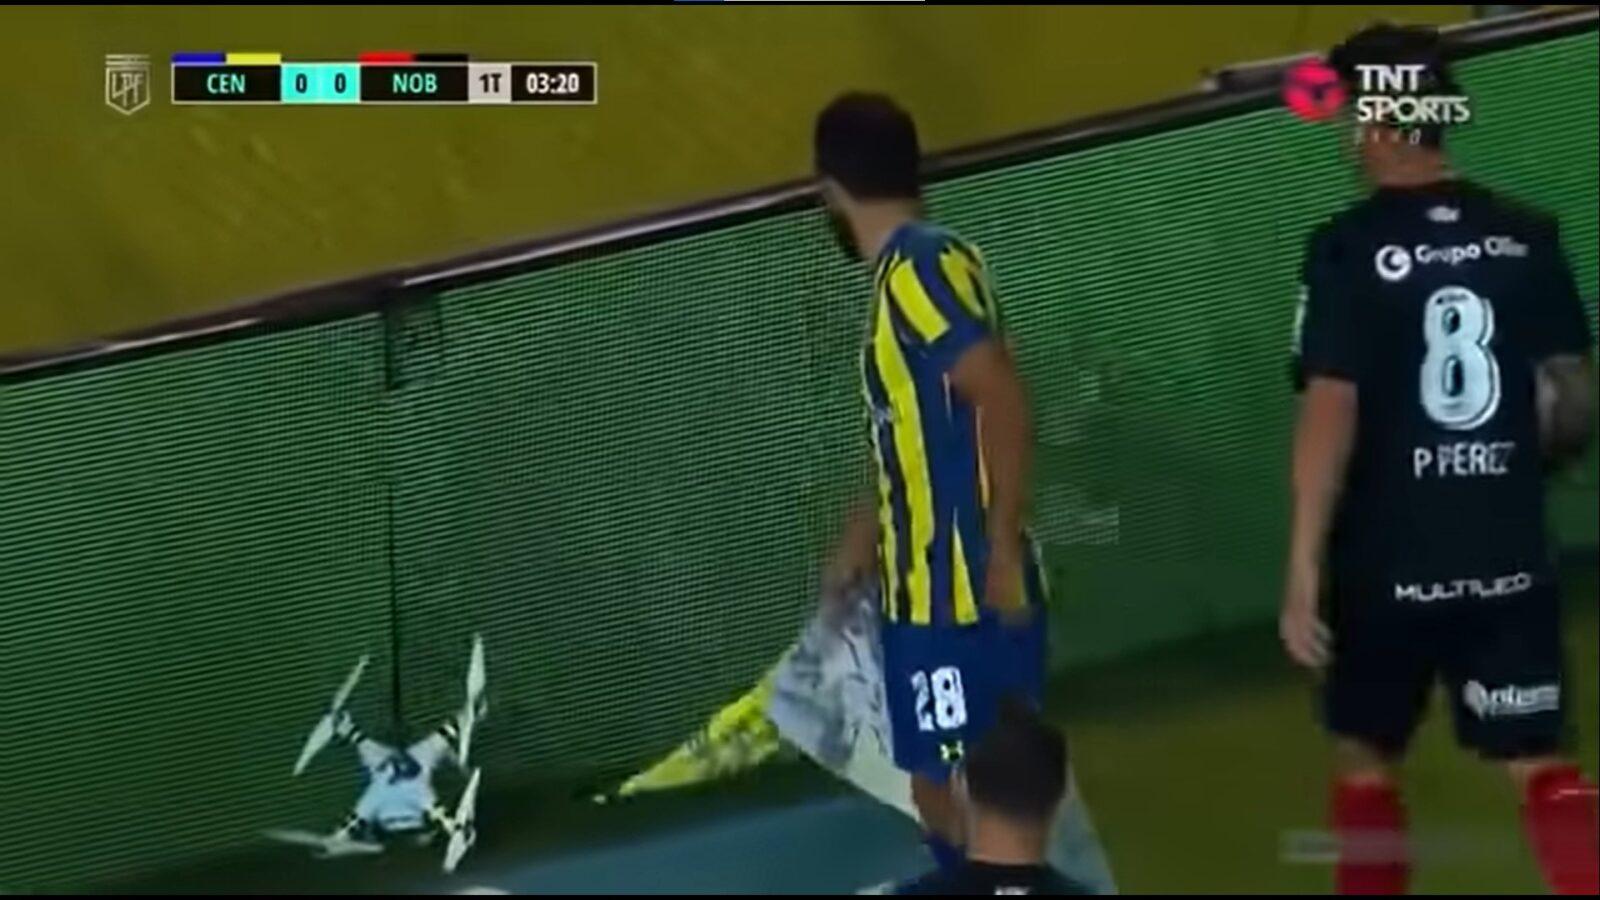 Аргентинский футболист уничтожает квадрокоптер во время матча